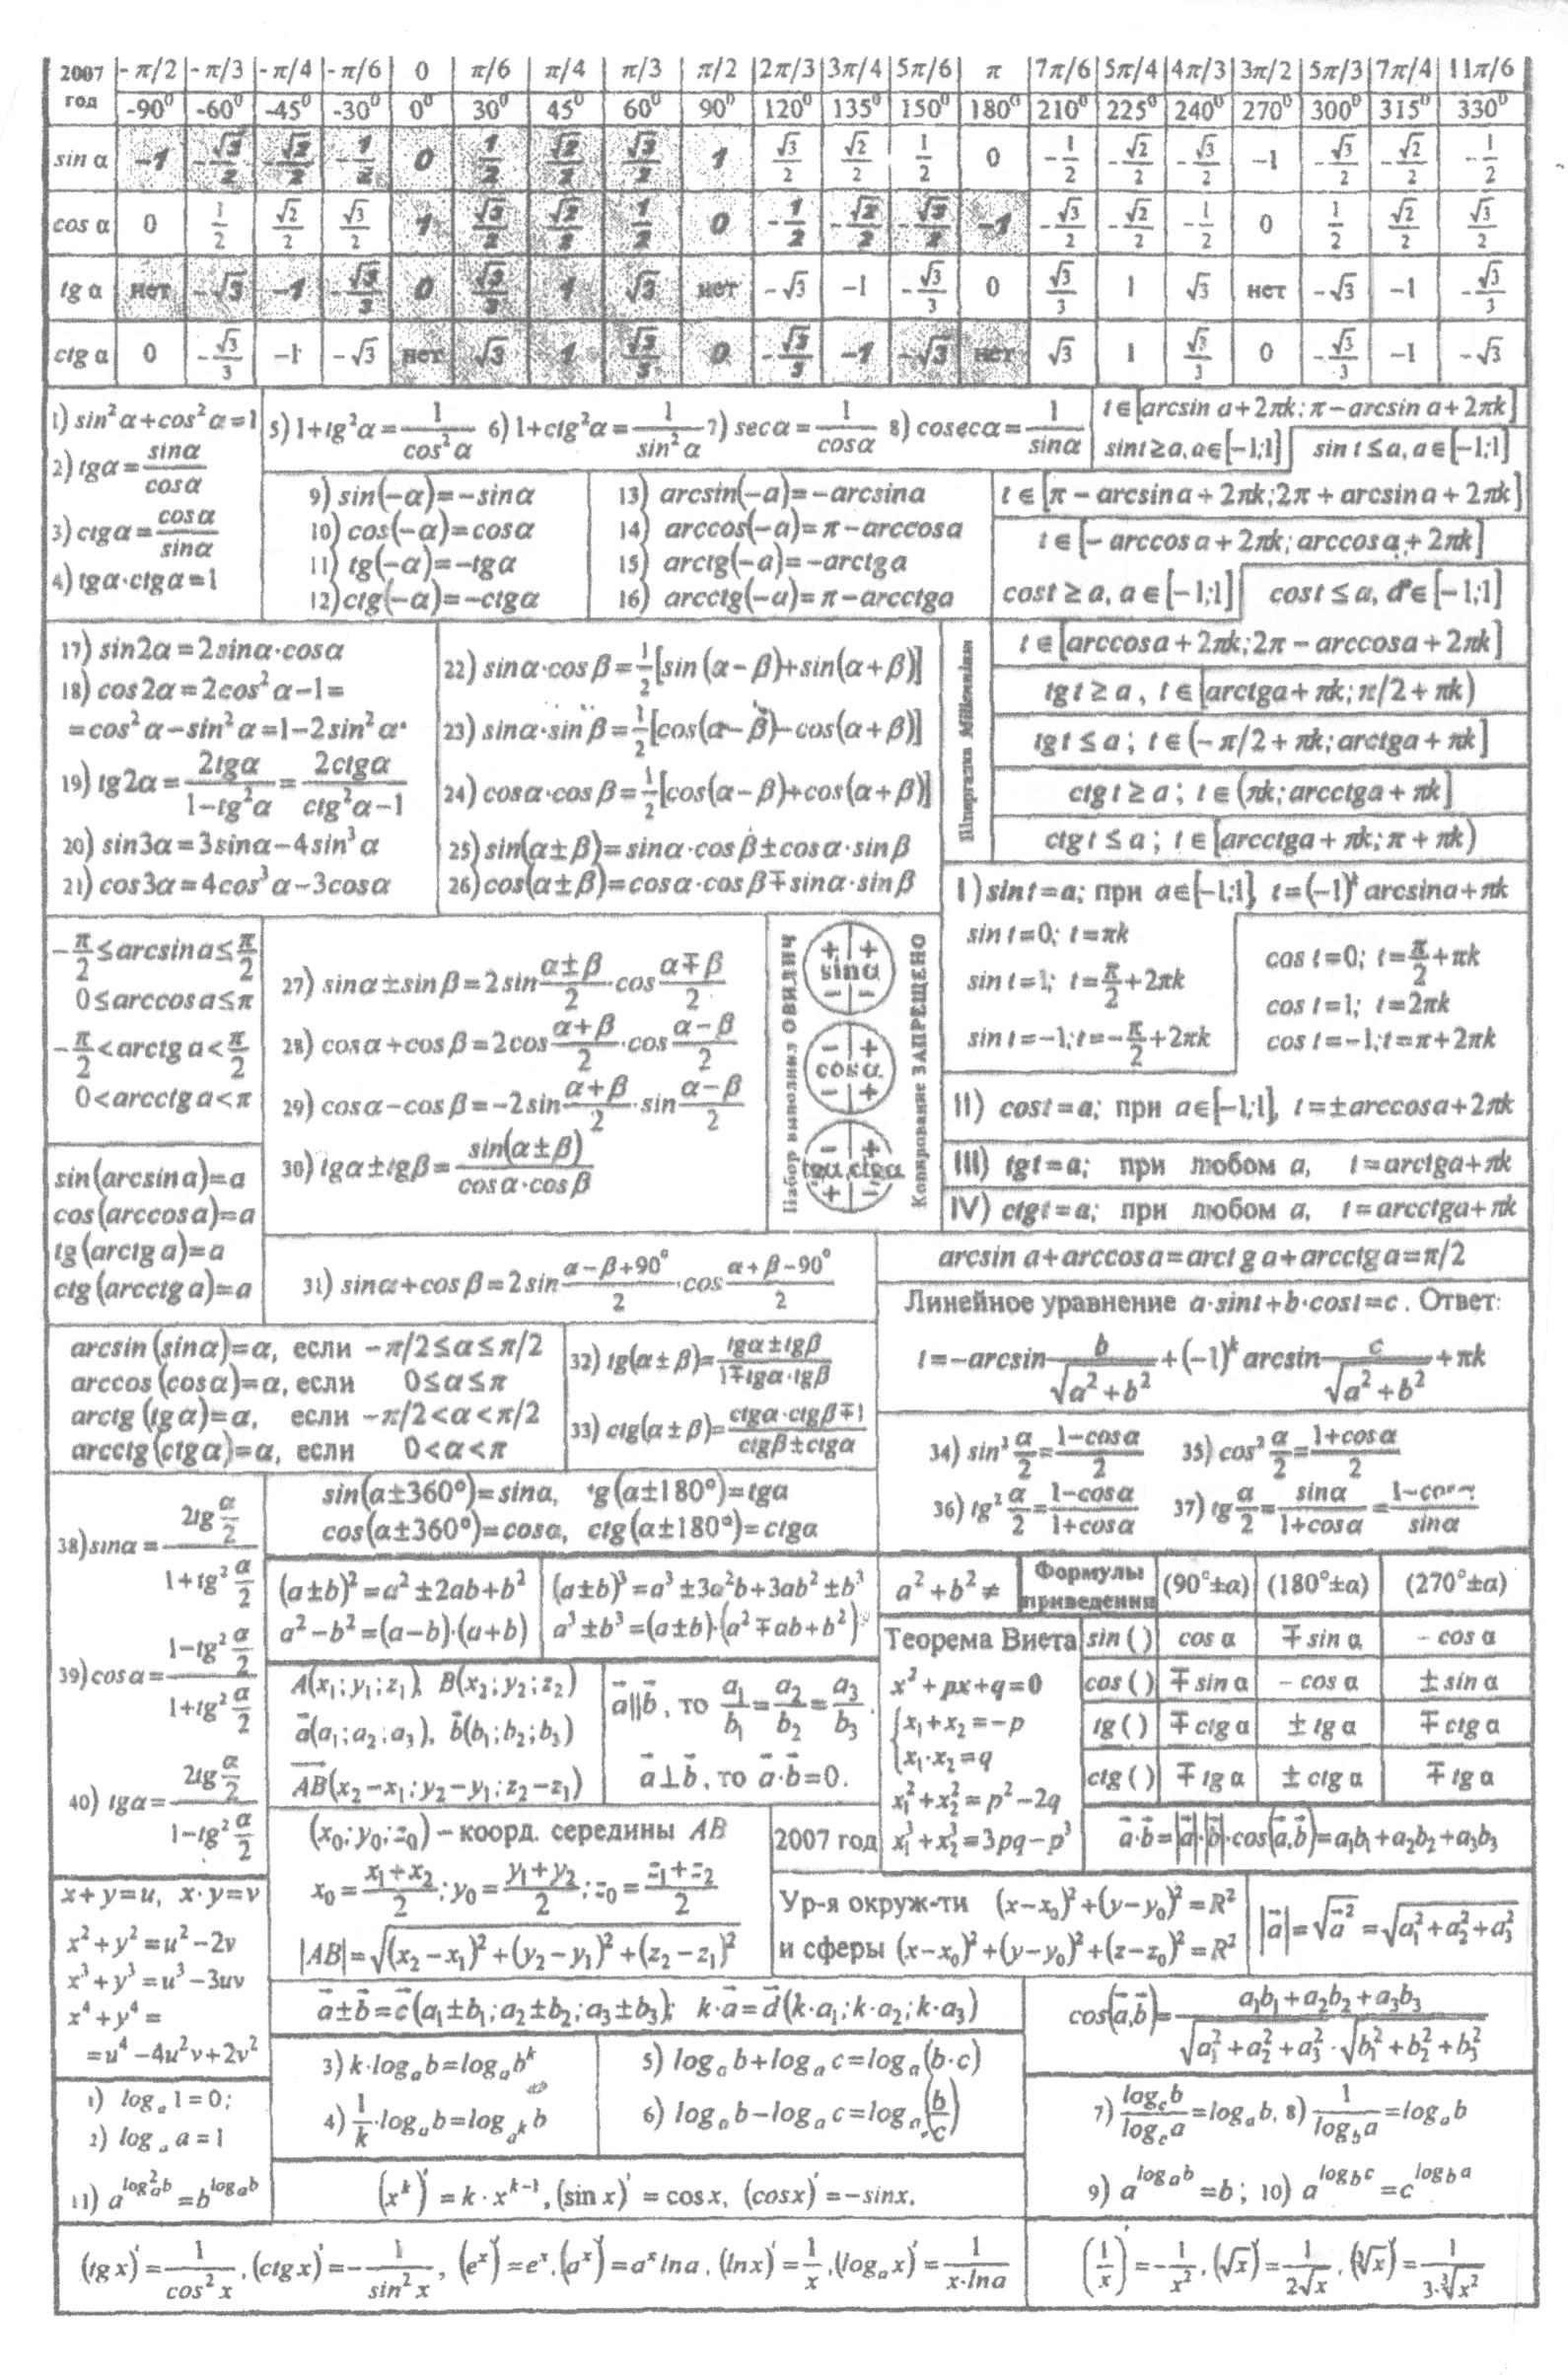 Шпаргалка по математике за курс основной школы